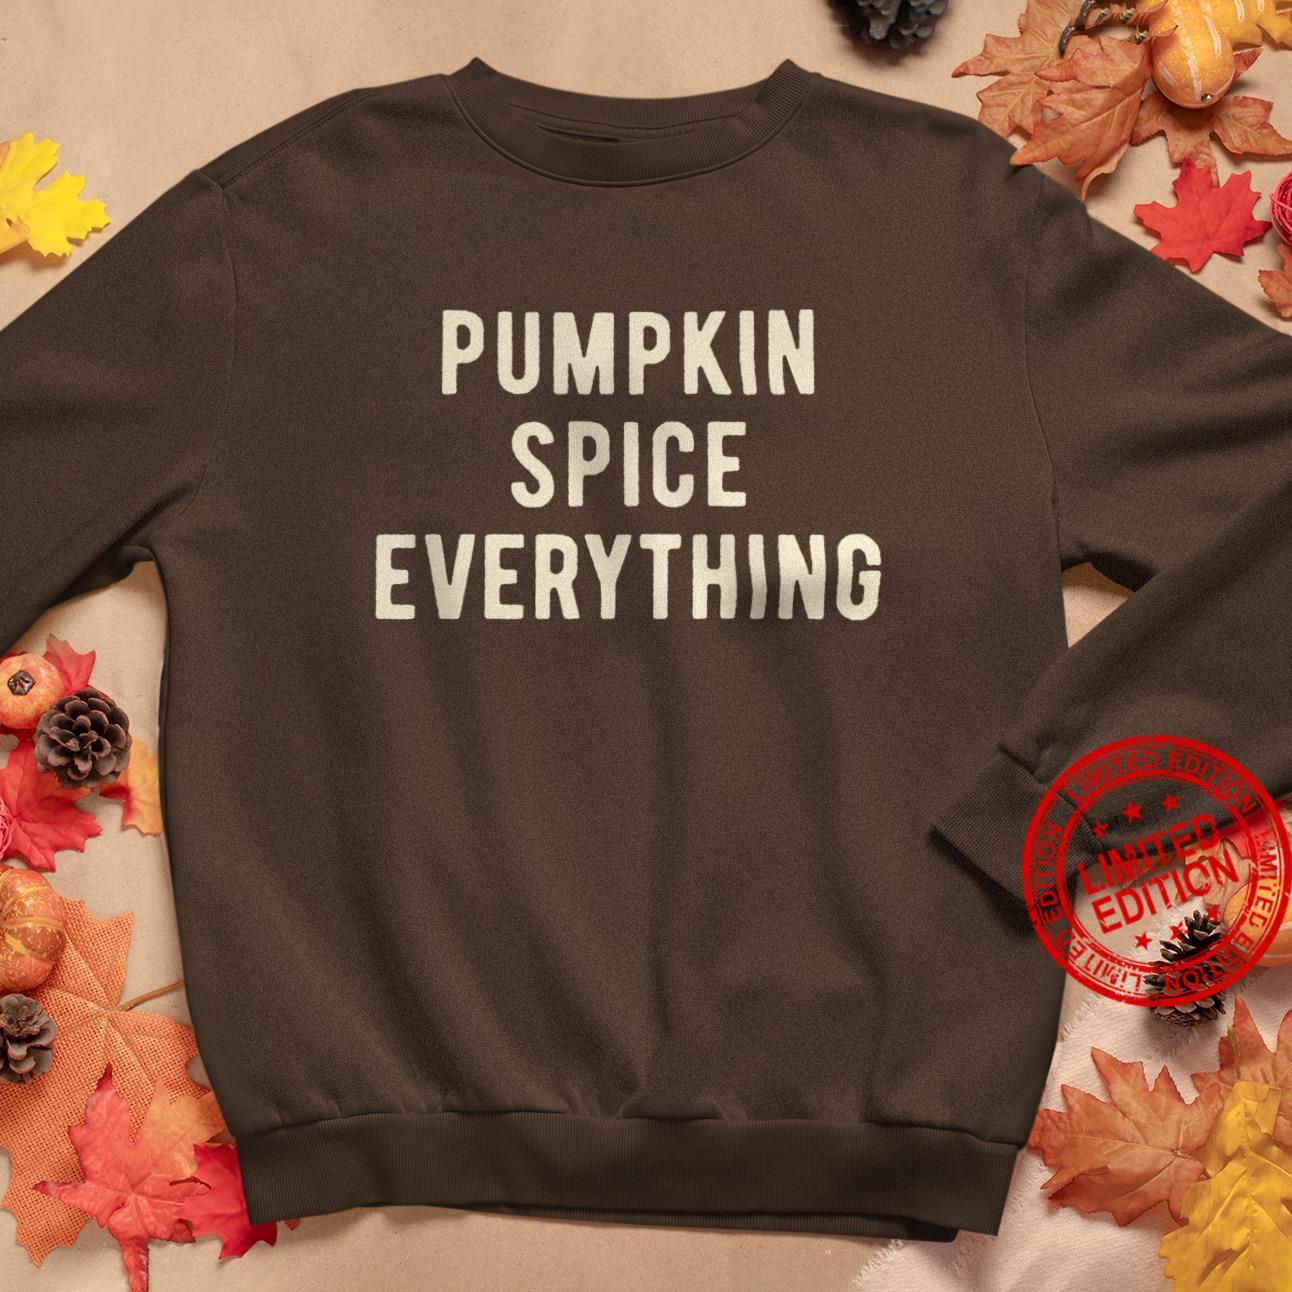 Pumpkin Spice Everything Shirt